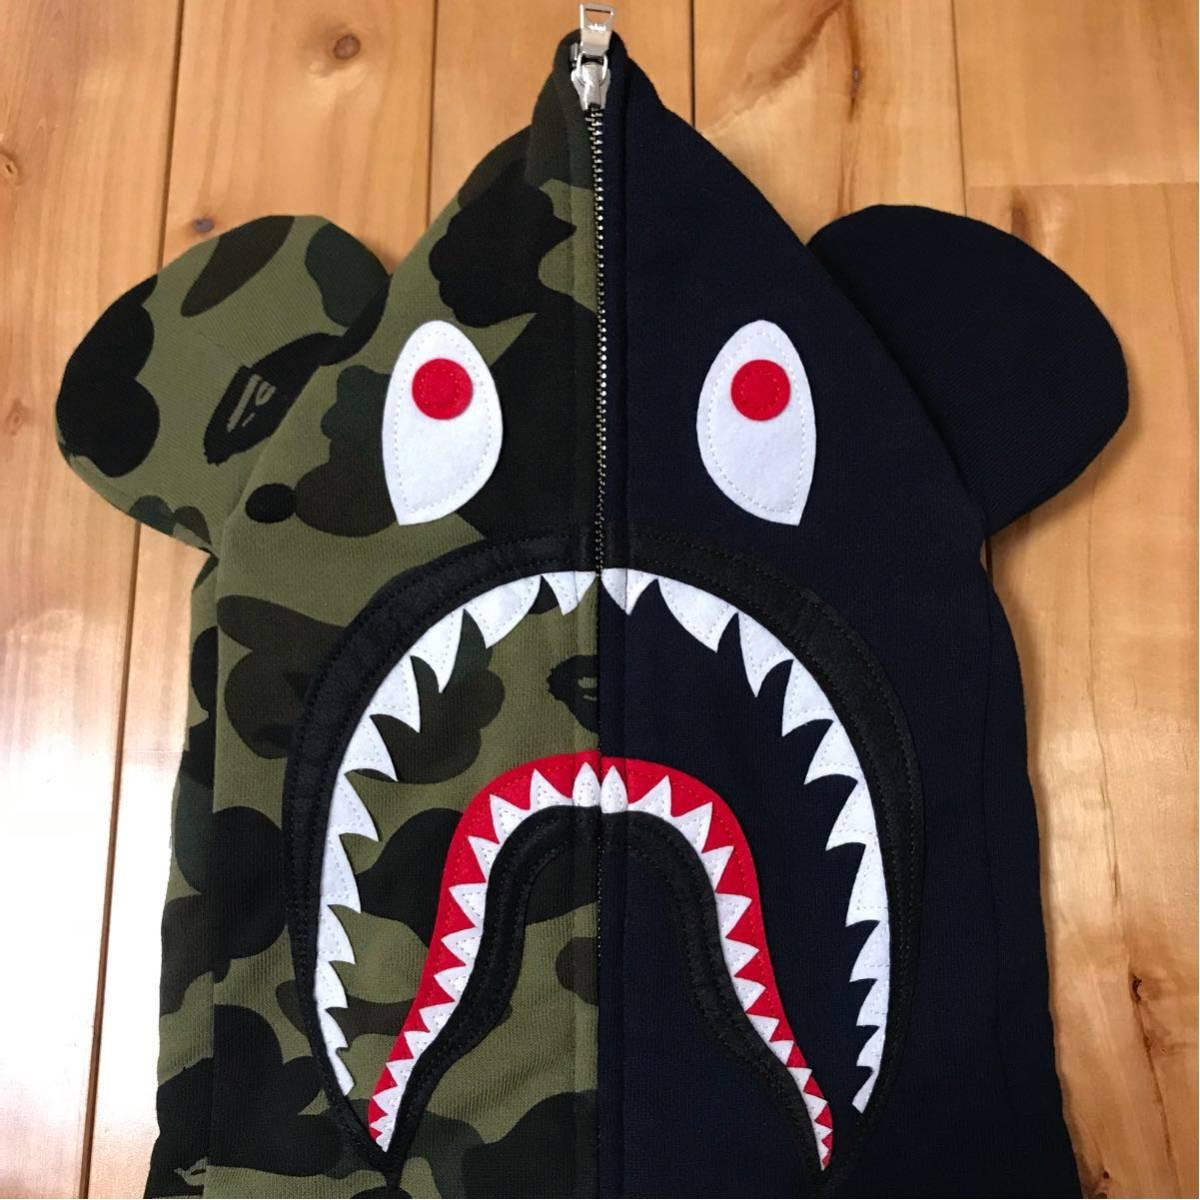 ★新品★ ベアブリック シャーク パーカー L shark full zip hoodie a bathing ape bape エイプ ベイプ medicom toy メディコムトイ WGM_画像2